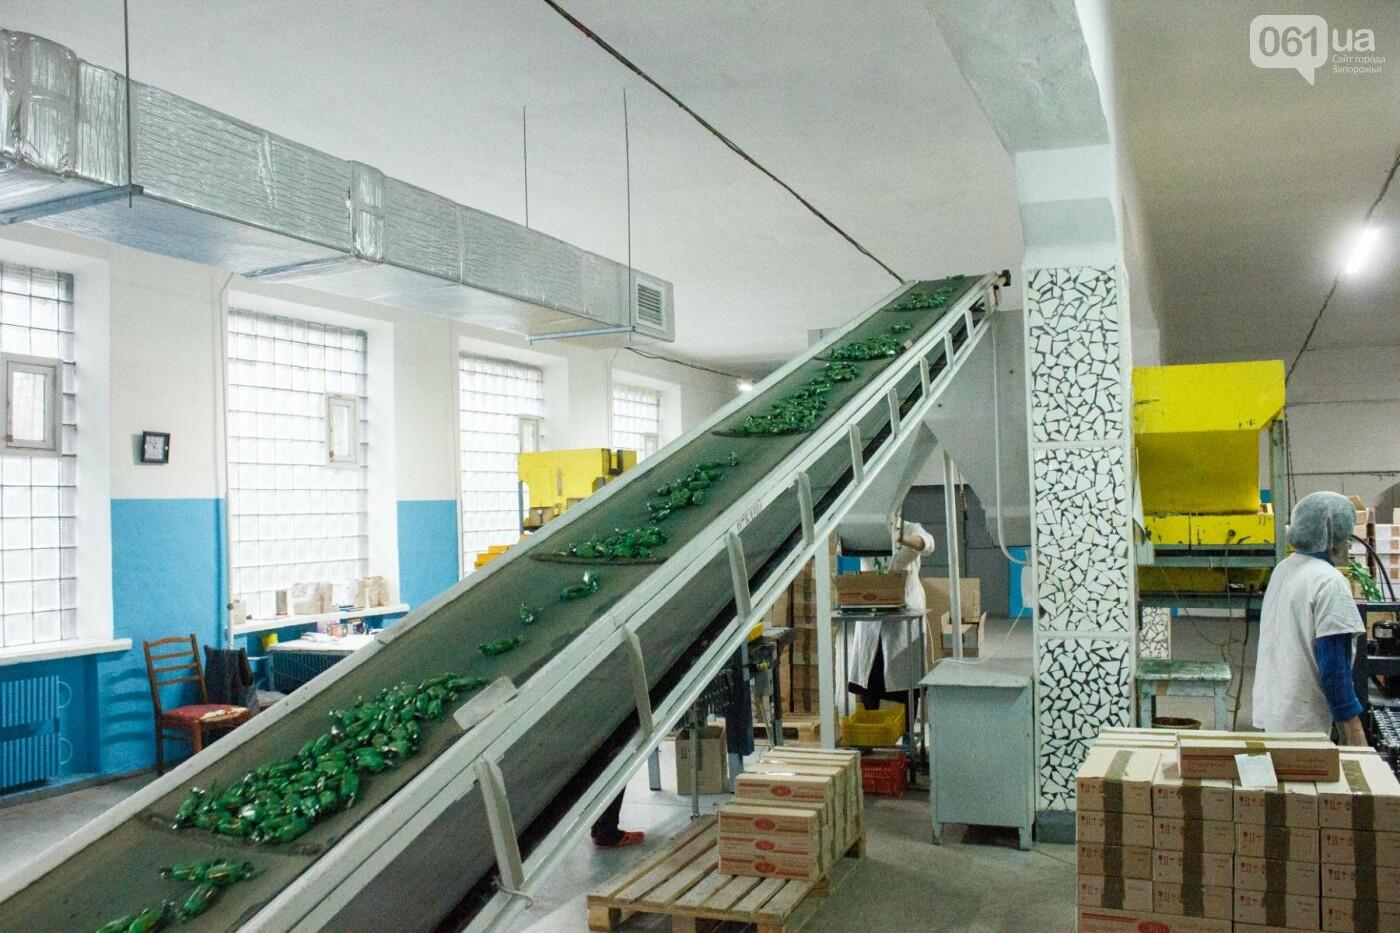 Как в Запорожье делают конфеты: экскурсия на кондитерскую фабрику, – ФОТОРЕПОРТАЖ, фото-32